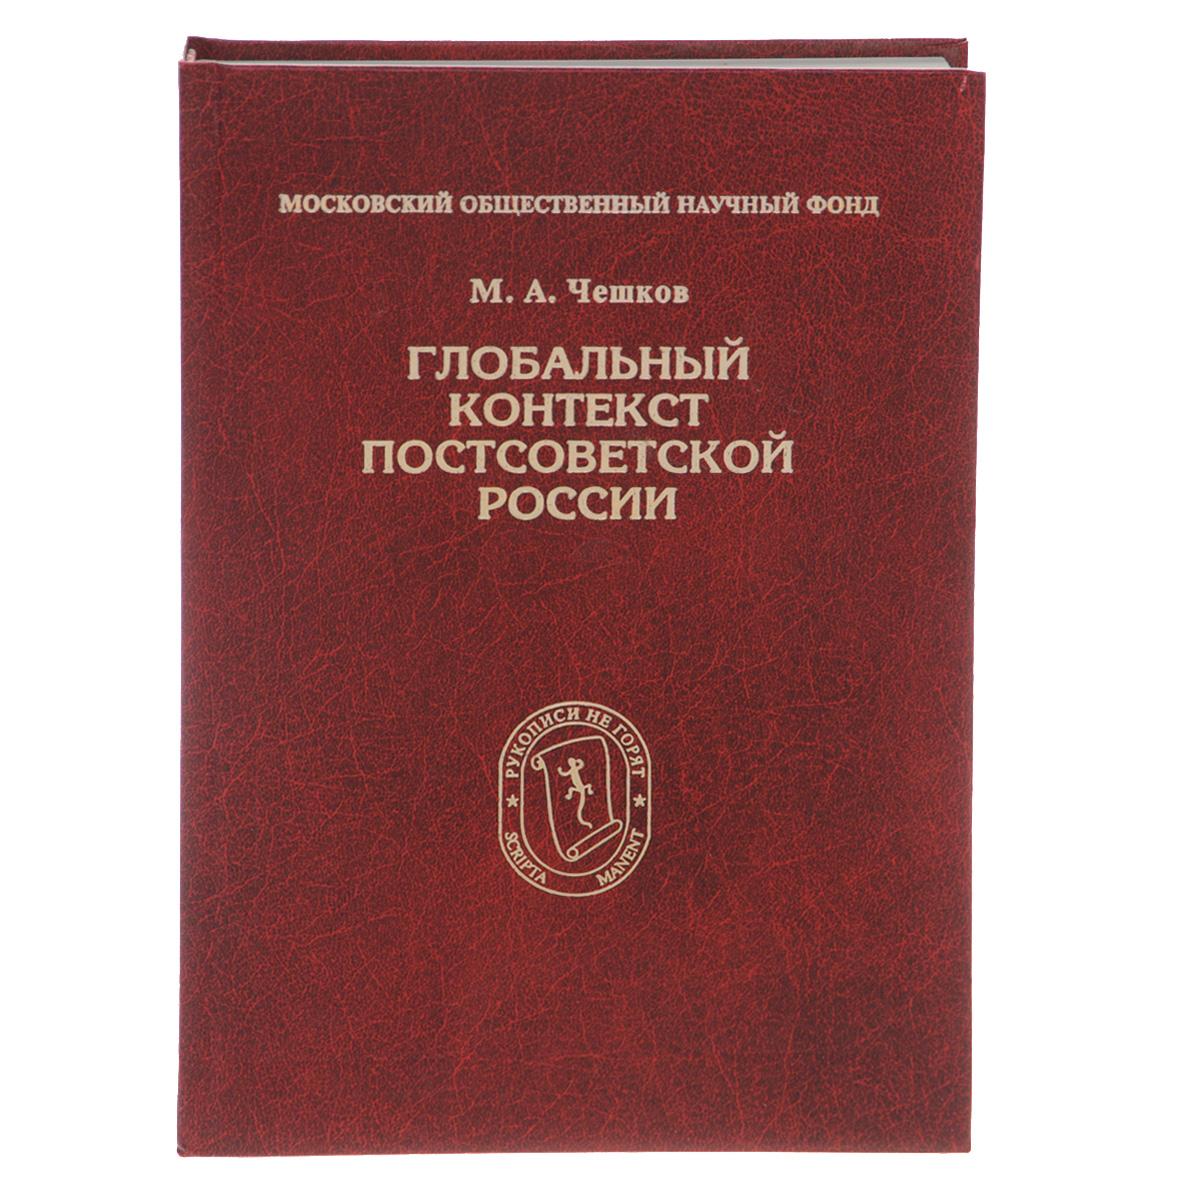 Глобальный контекст постсоветской России. Очерки теории и методологии мироцелостности